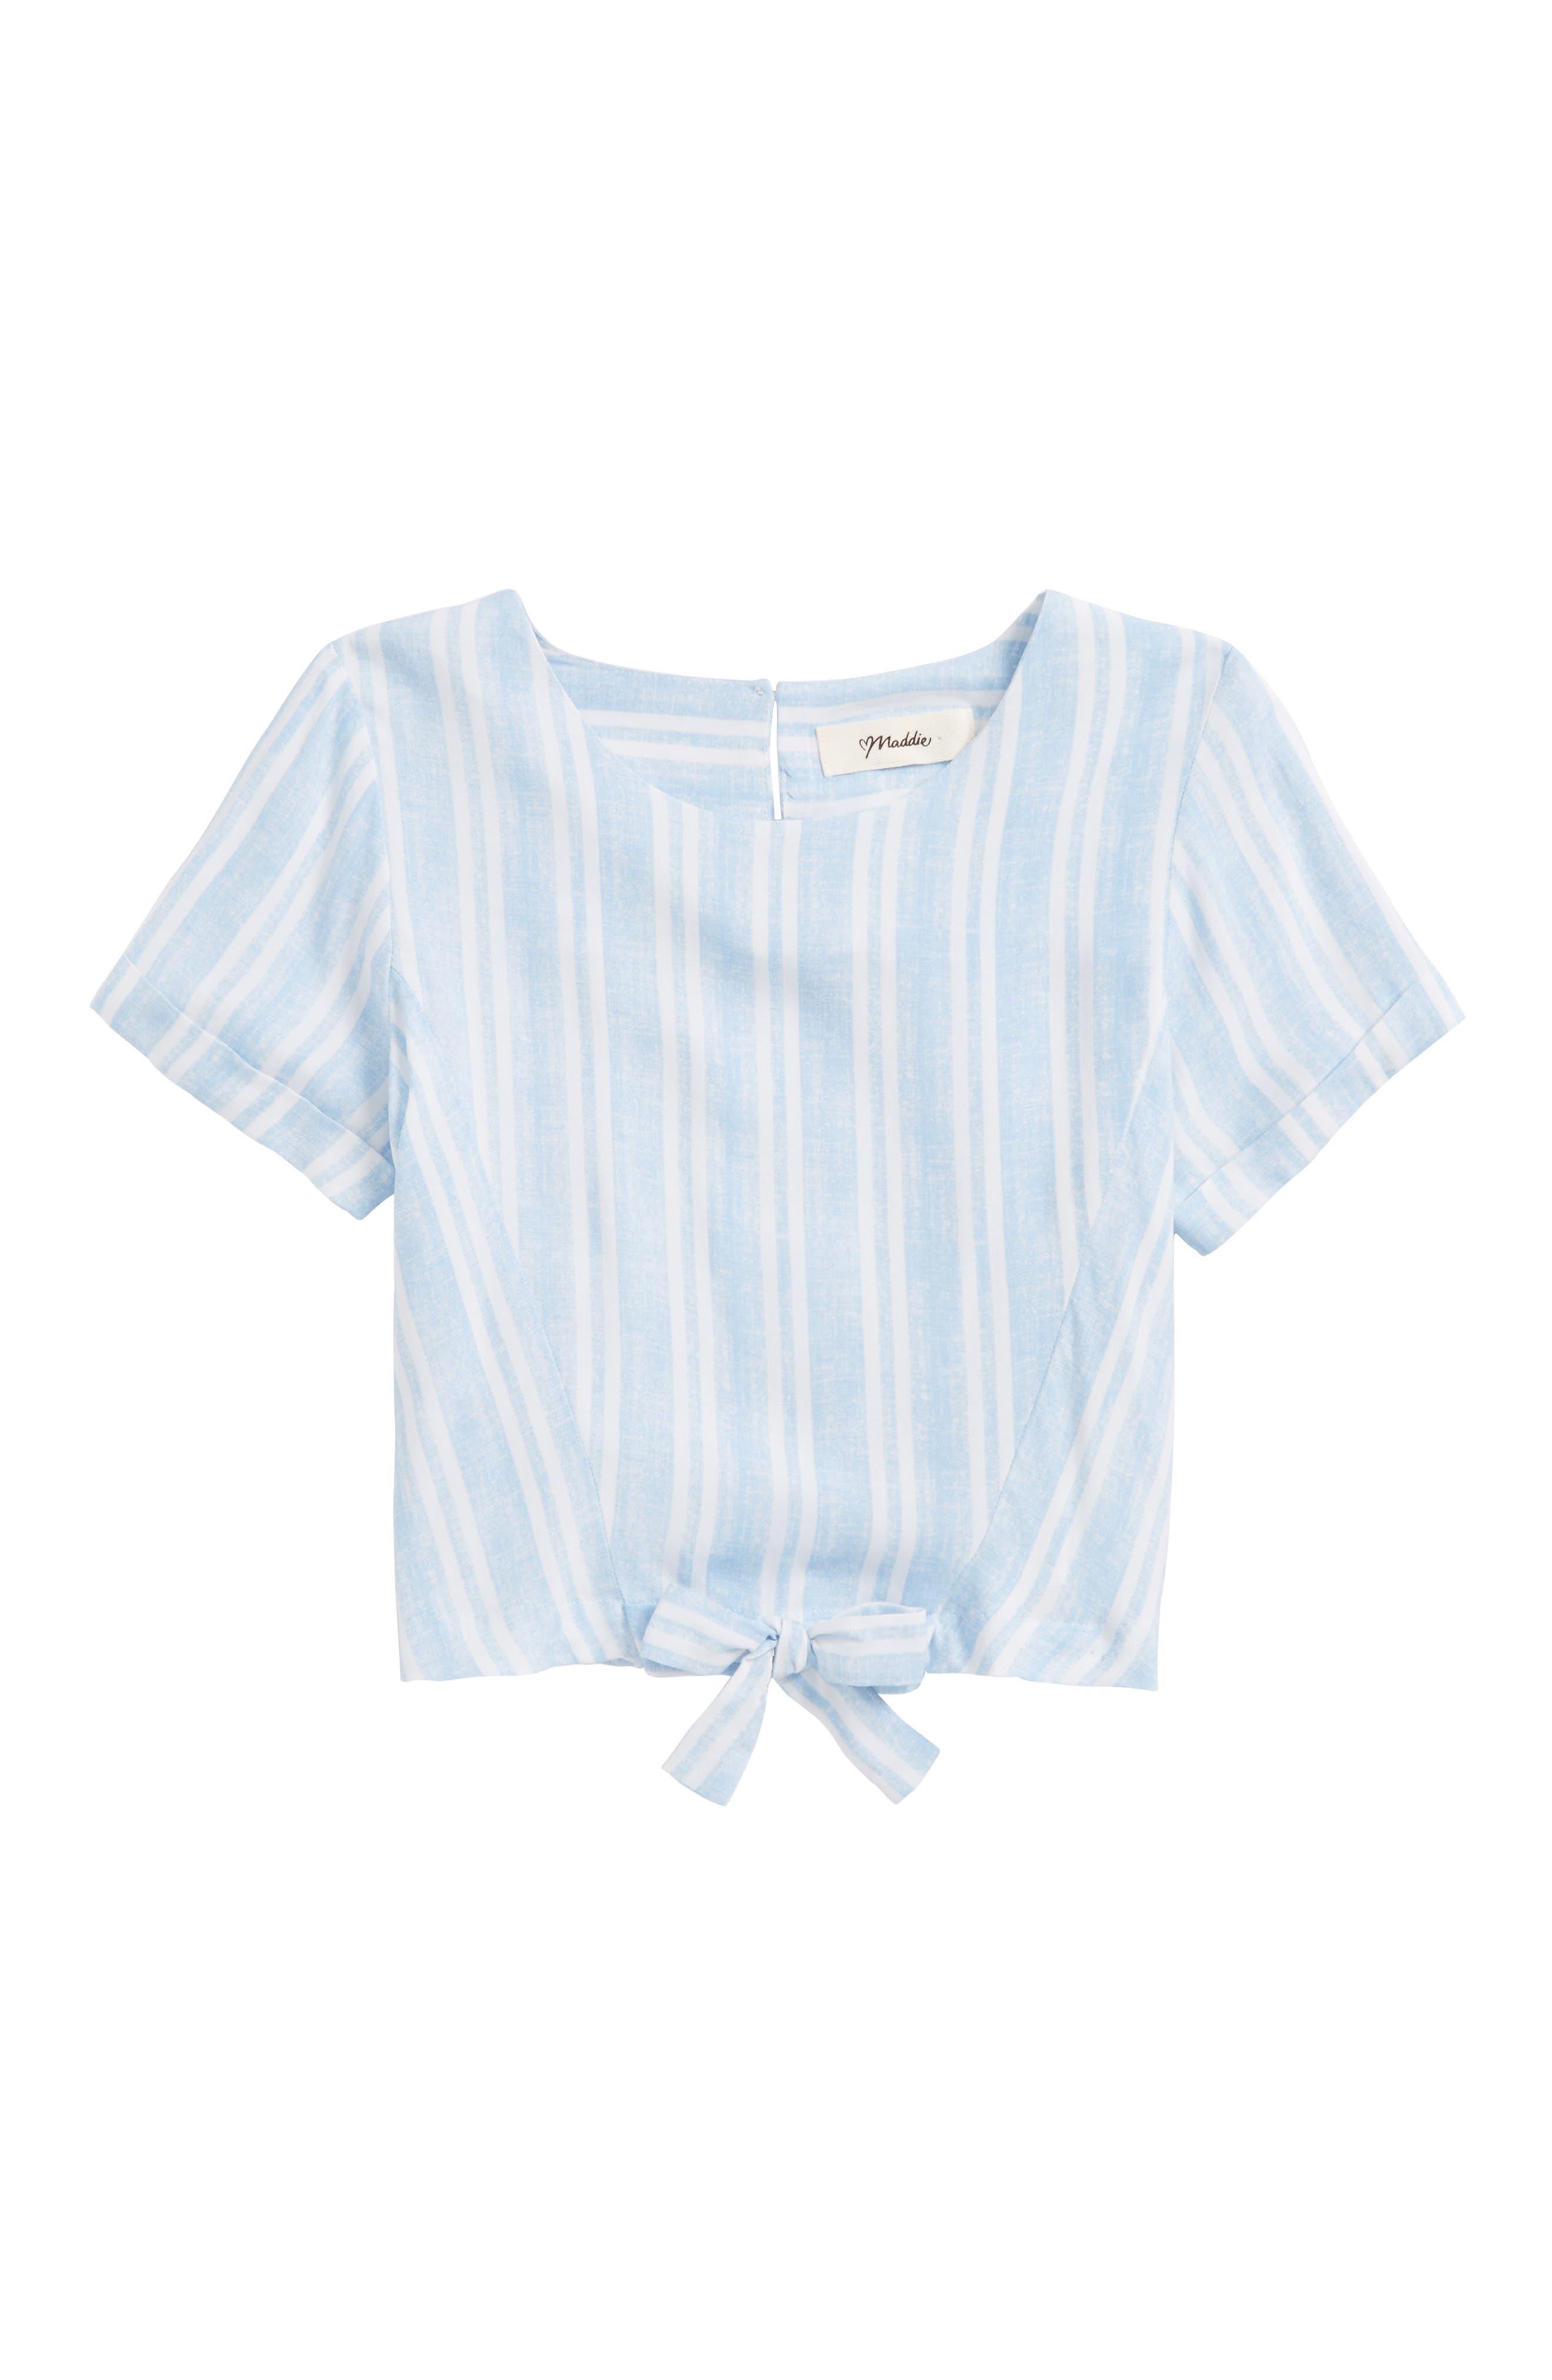 Tie Front Shirt,                         Main,                         color, Light Blue/ White